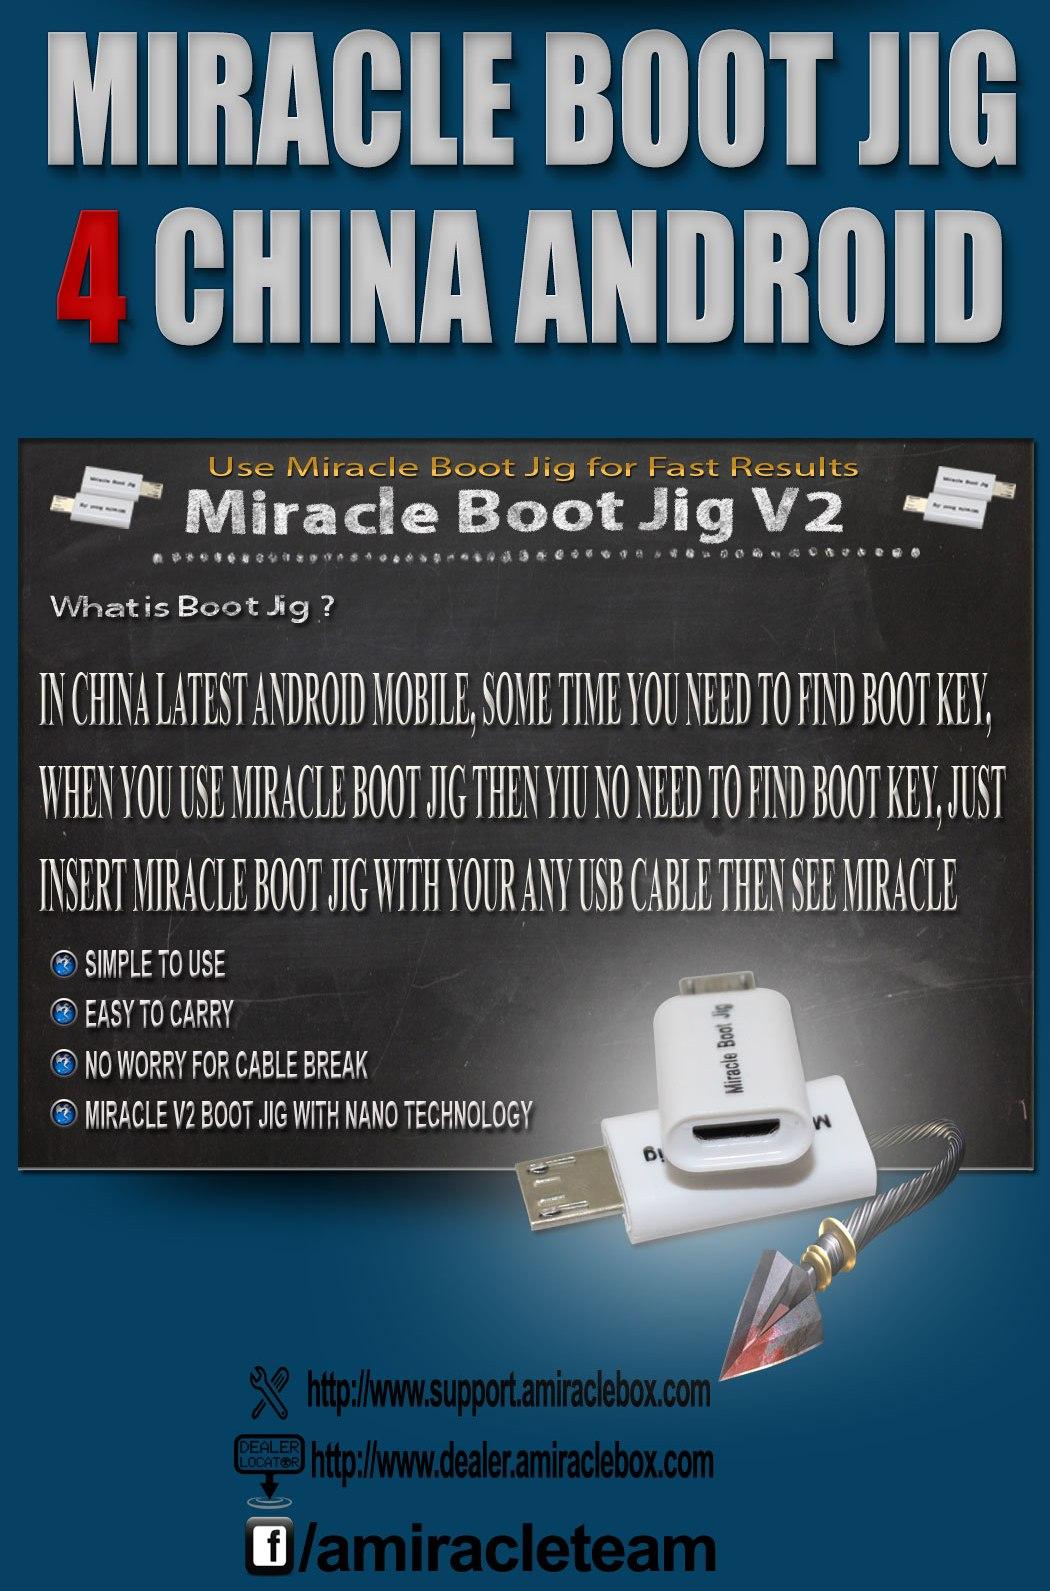 جدیدترین اخبار و آپدیتهای باکس Miracle Box - باکس های متفرقه - جی اس